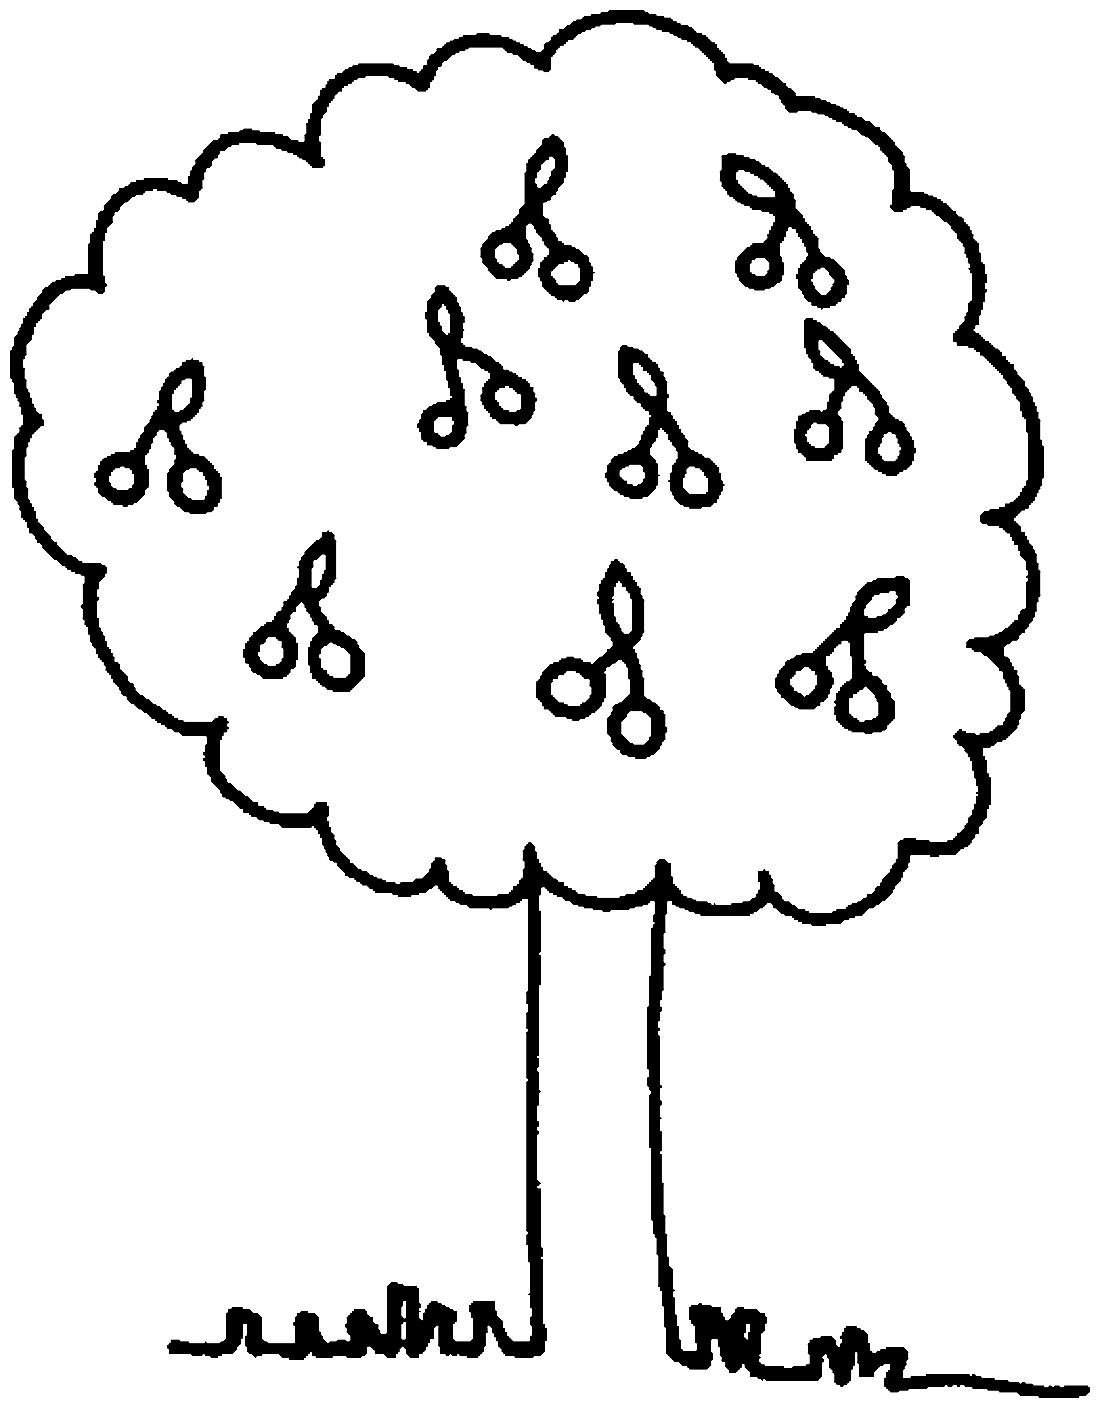 Дерево вишни - раскраска №11568 | Printonic.ru